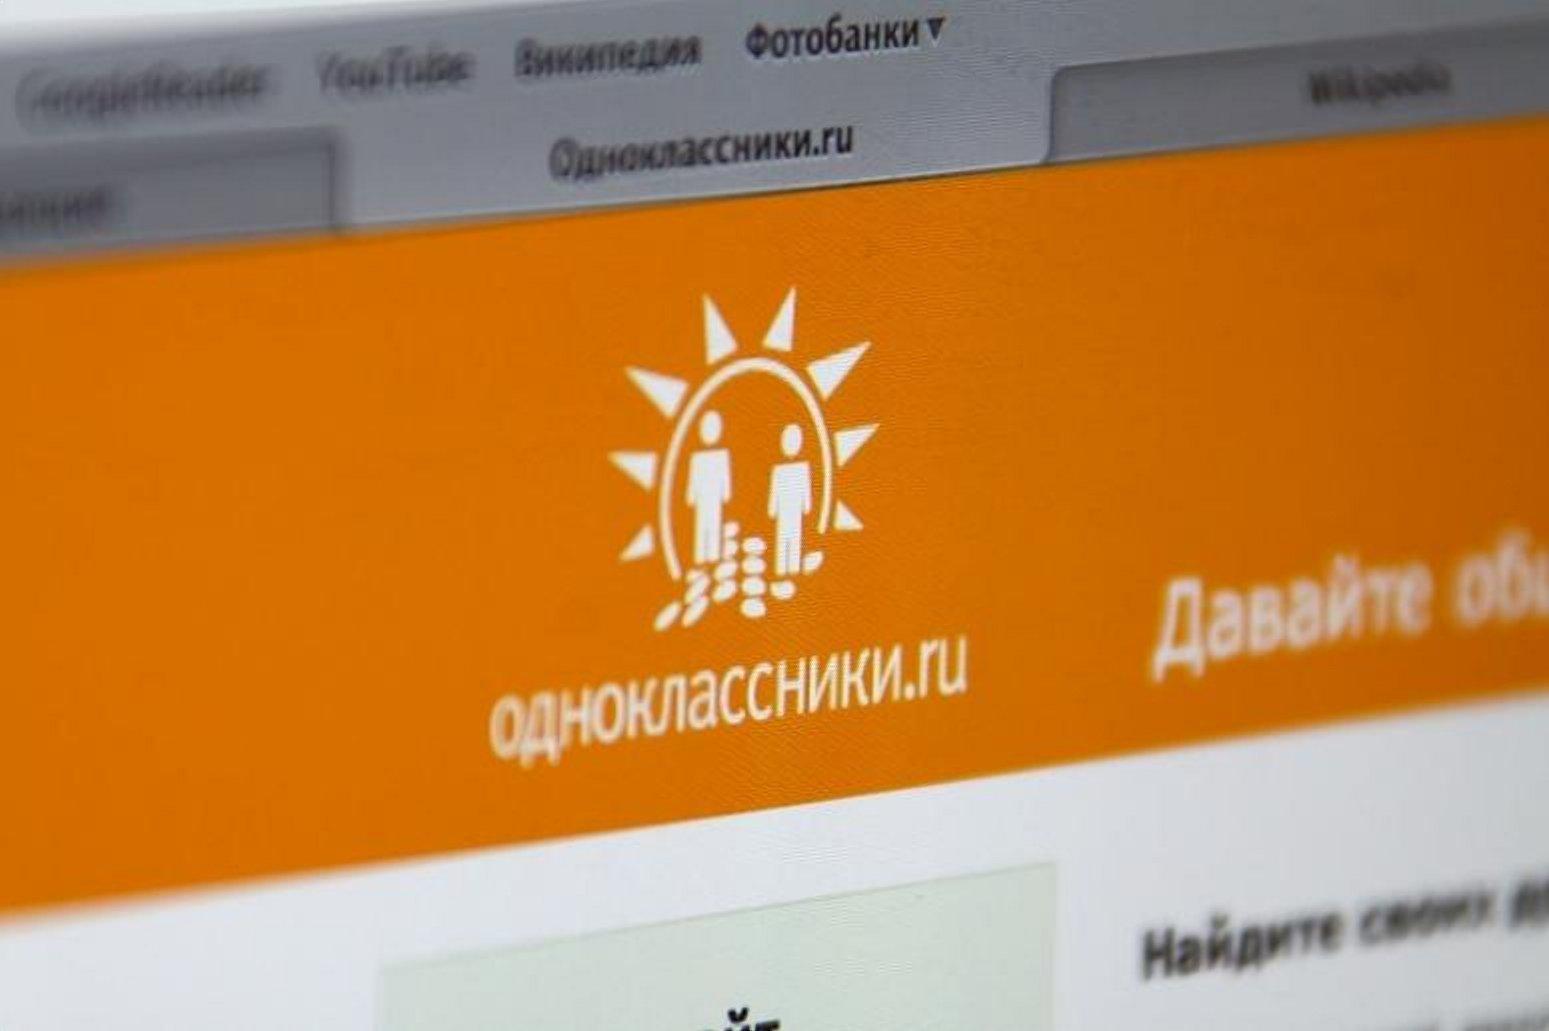 «Одноклассники» первые запустили электронный магазин стоварами изКитая